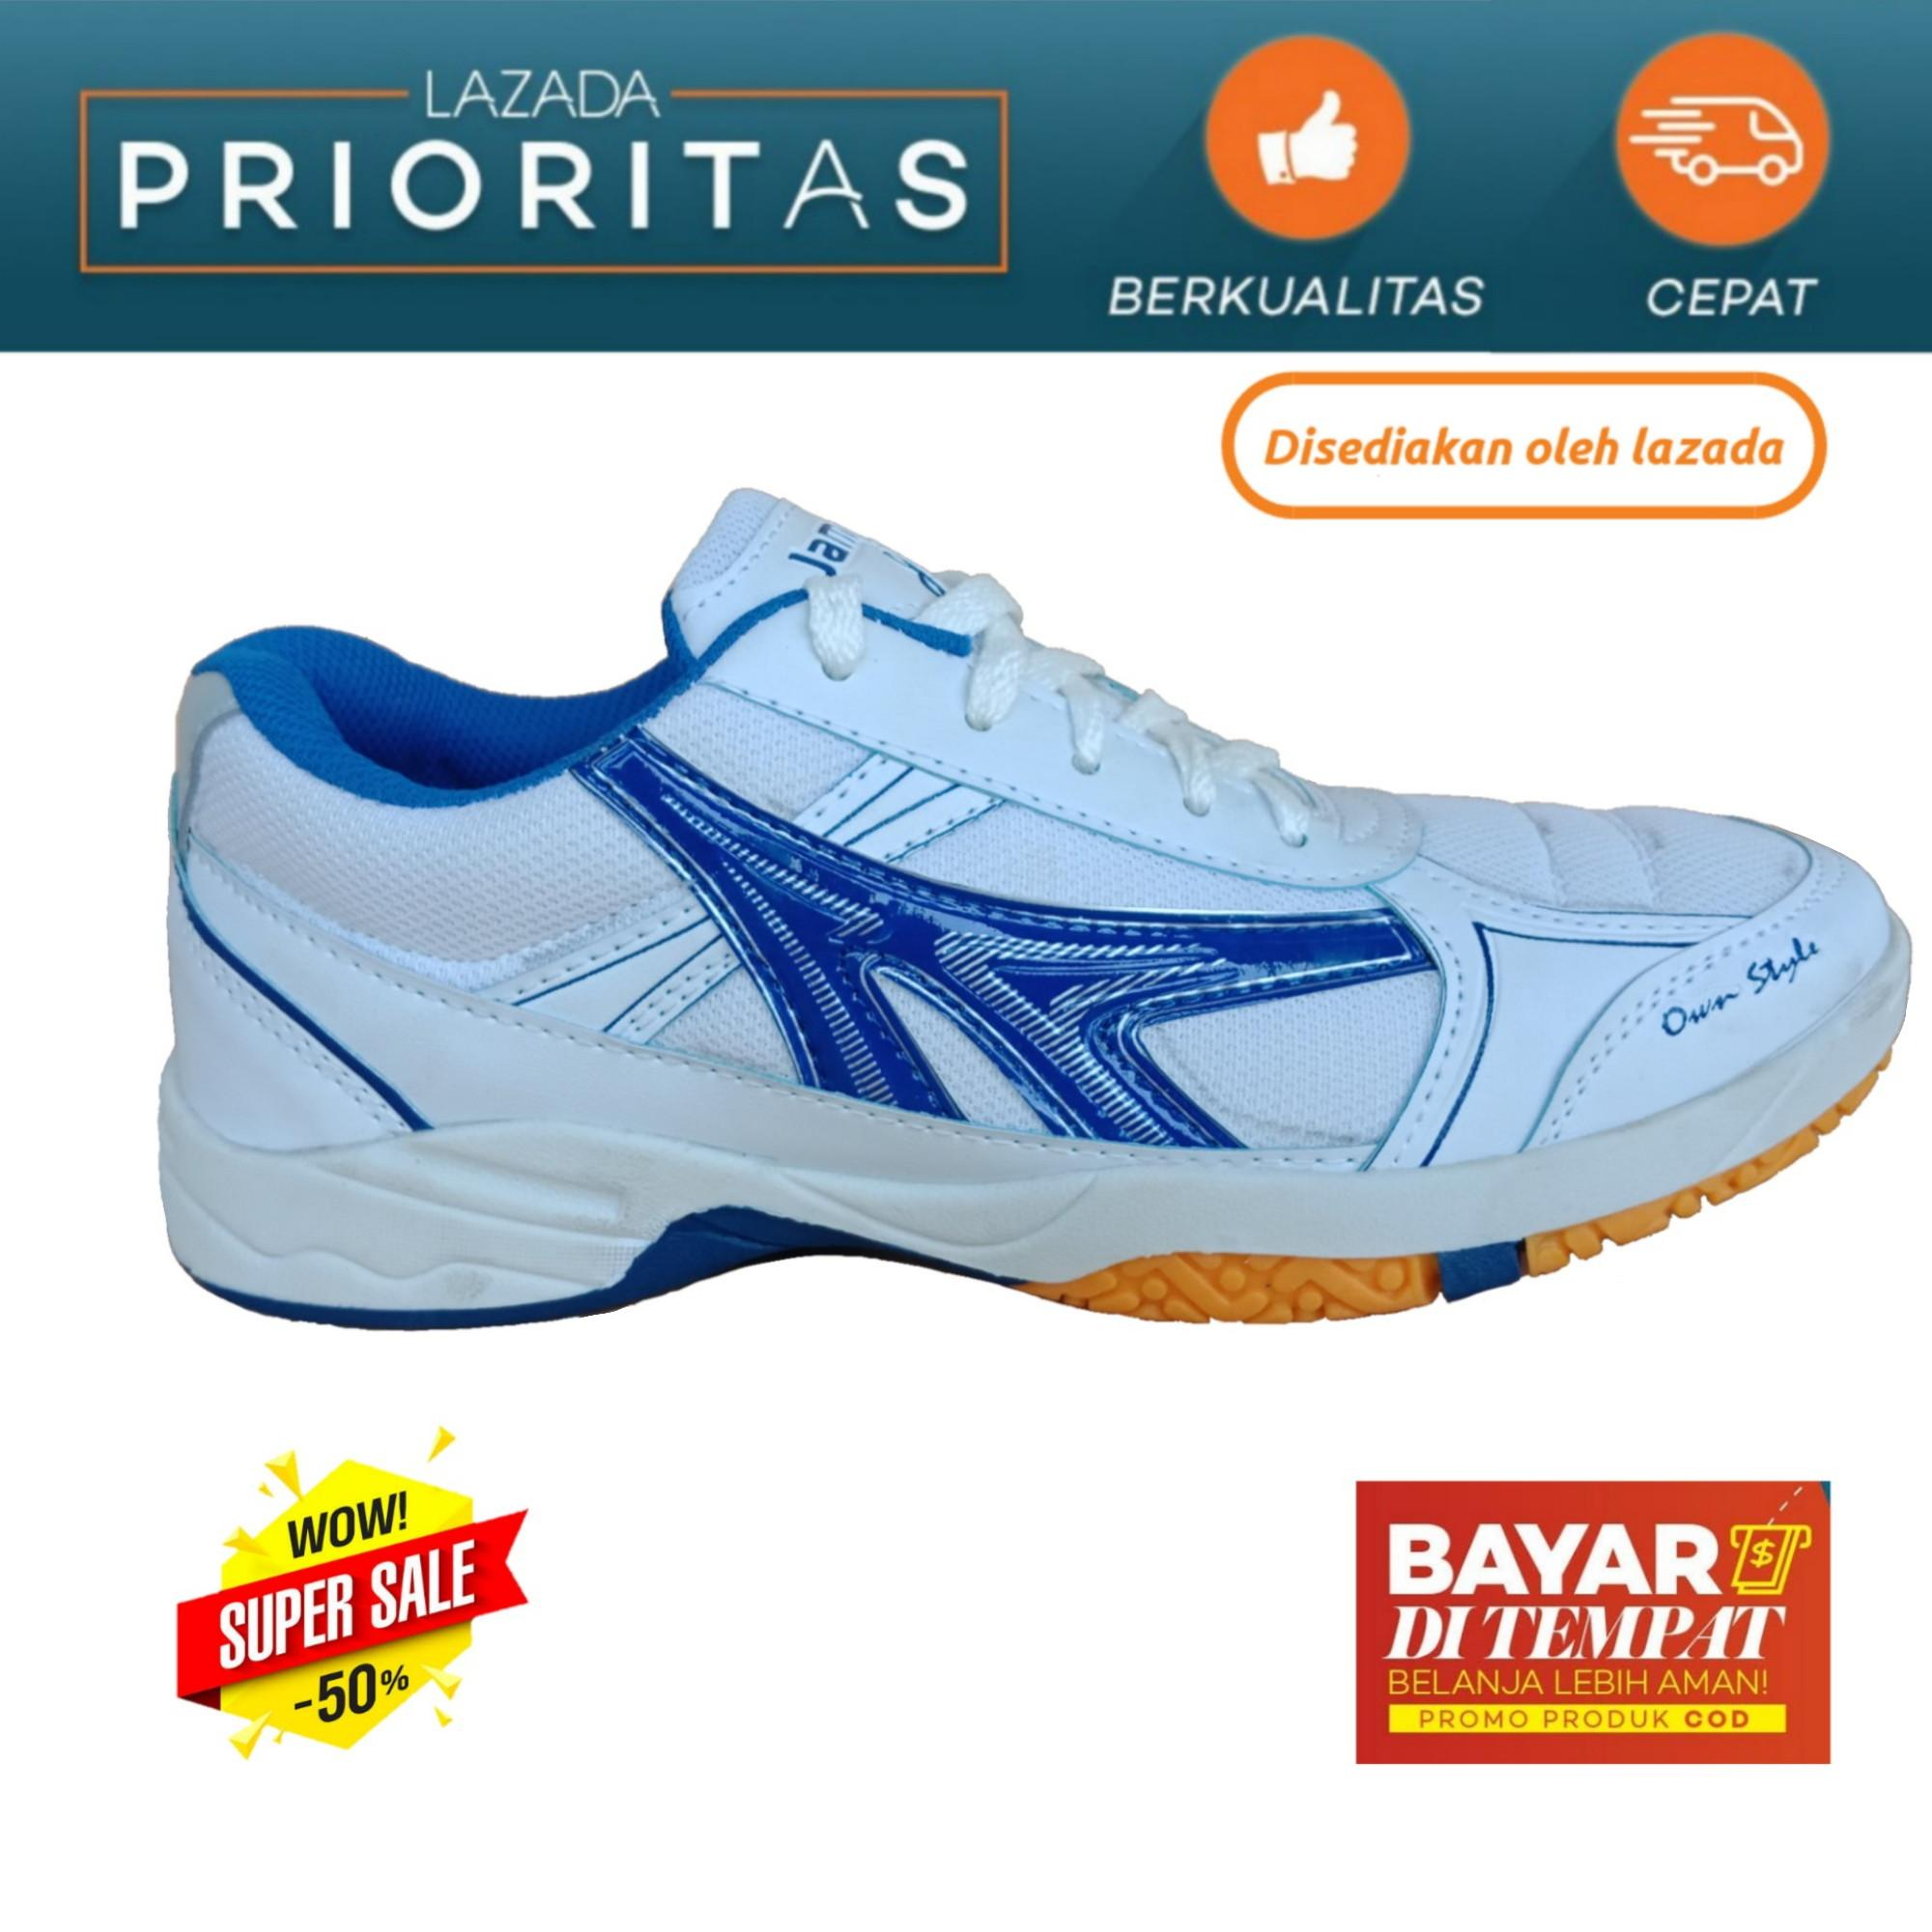 LUTTON JAMPER PUTIH MERAH DAN PUTIH BIRU Sepatu olahraga pria dan Wanita - Sepatu Olahraga Badminton 7f39ff866d